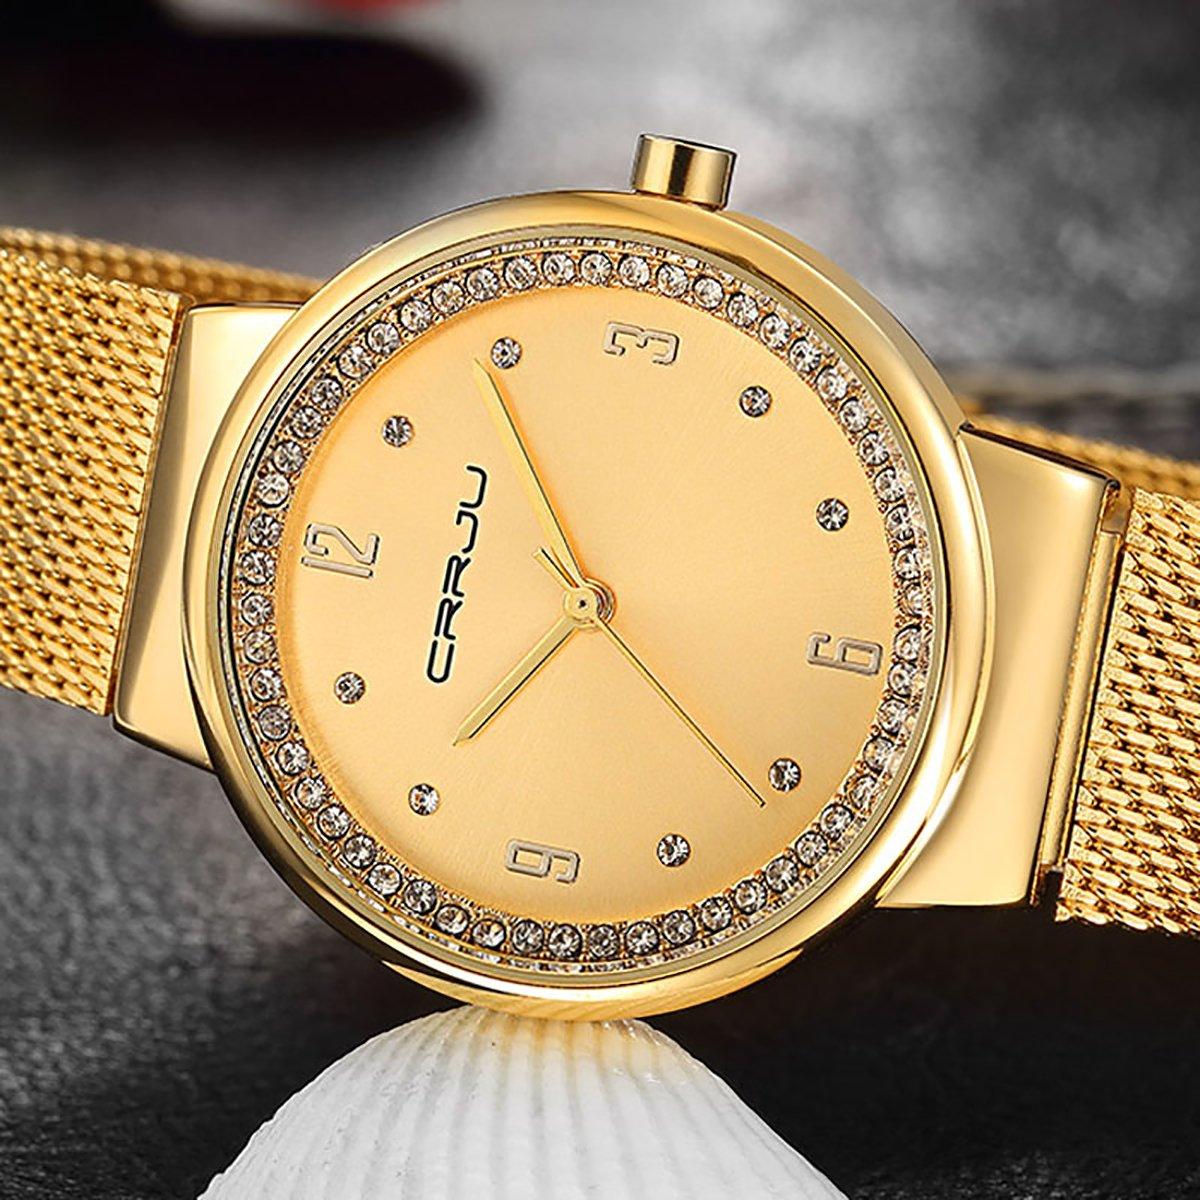 Damen-Armbanduhr von Modiwen, rautenförmiges Stahlgeflecht, mit Quarz-Uhrwerk, Freizeituhr mit Armband gold